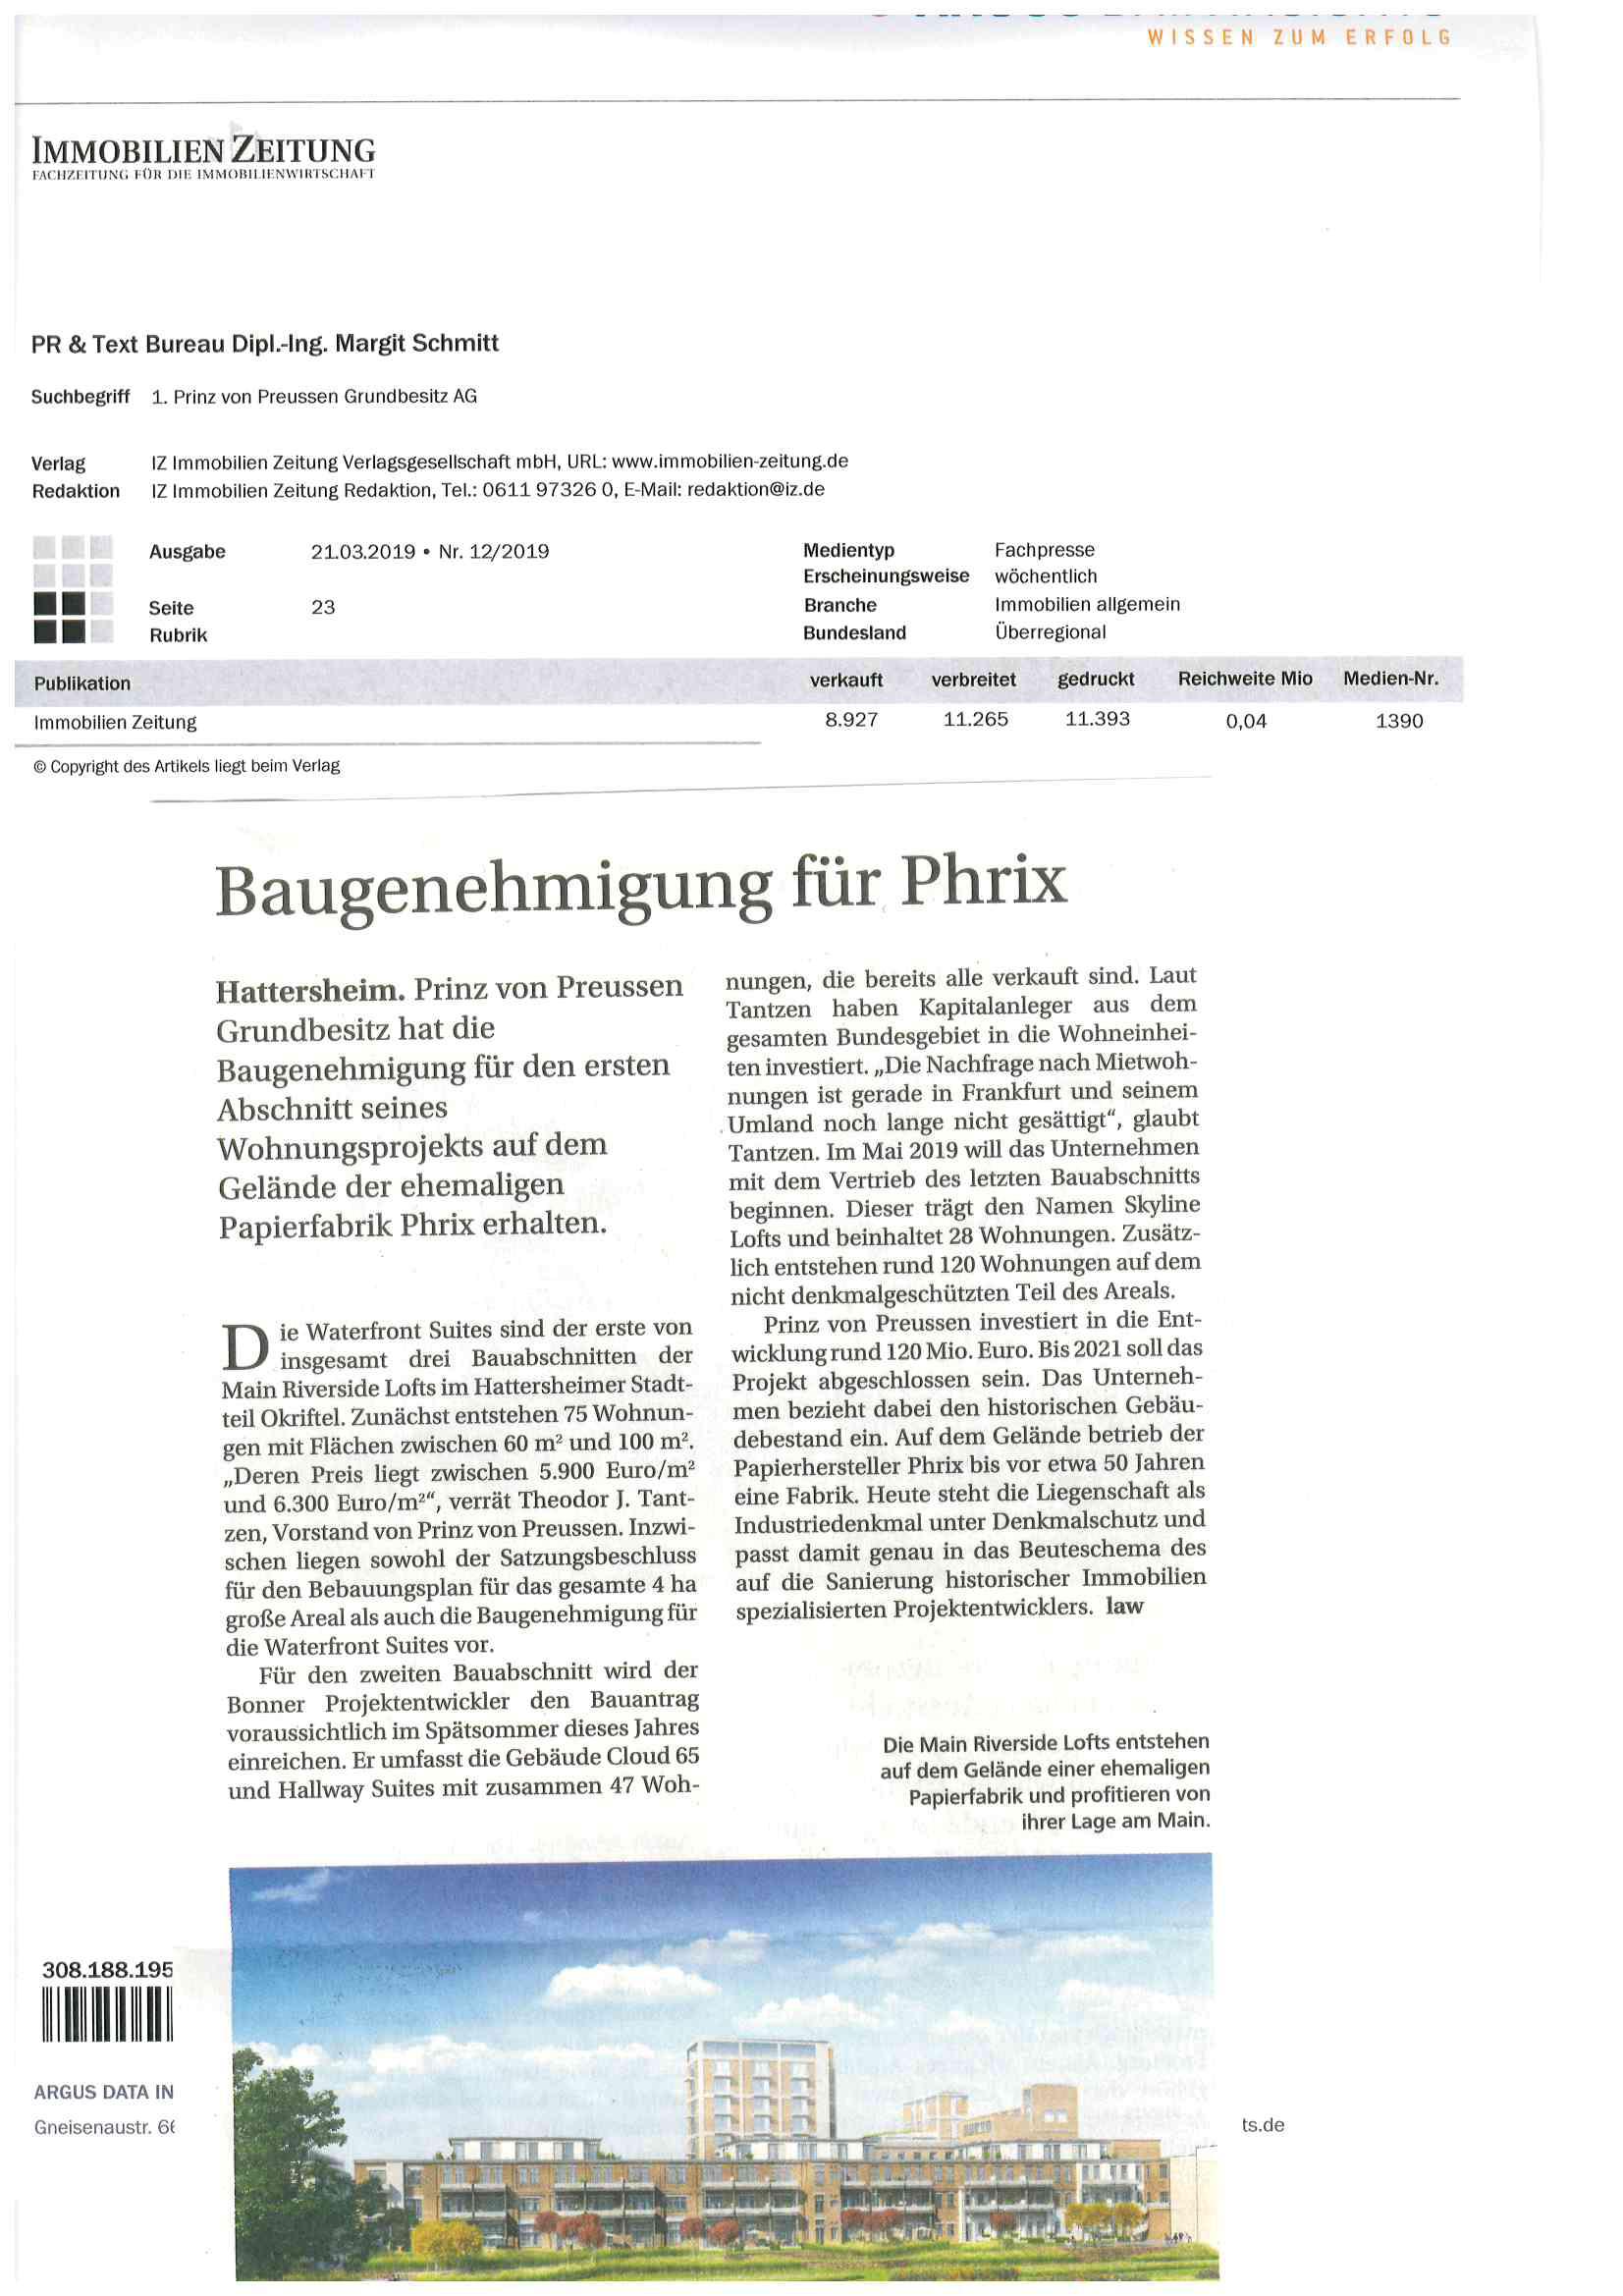 Pressearbeit von PRTB für Prinz von Preussen Grundbesitz AG